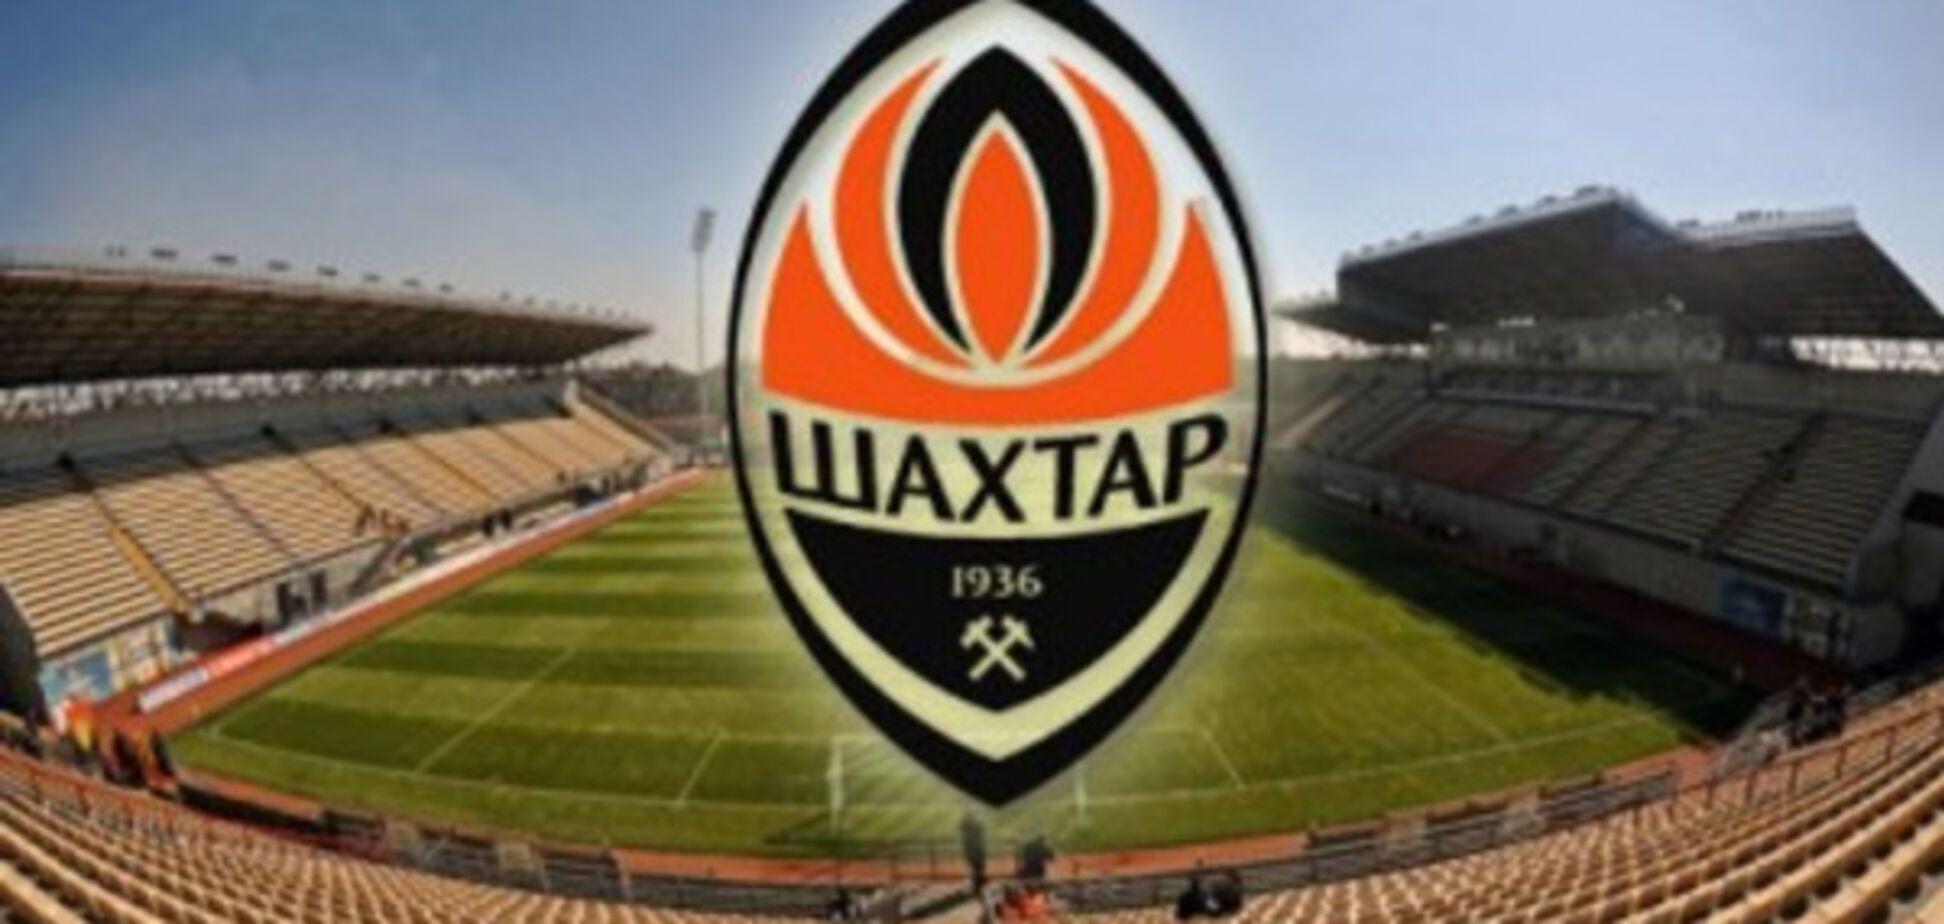 Донецкий 'Шахтёр' сыграет домашние матчи в Запорожье